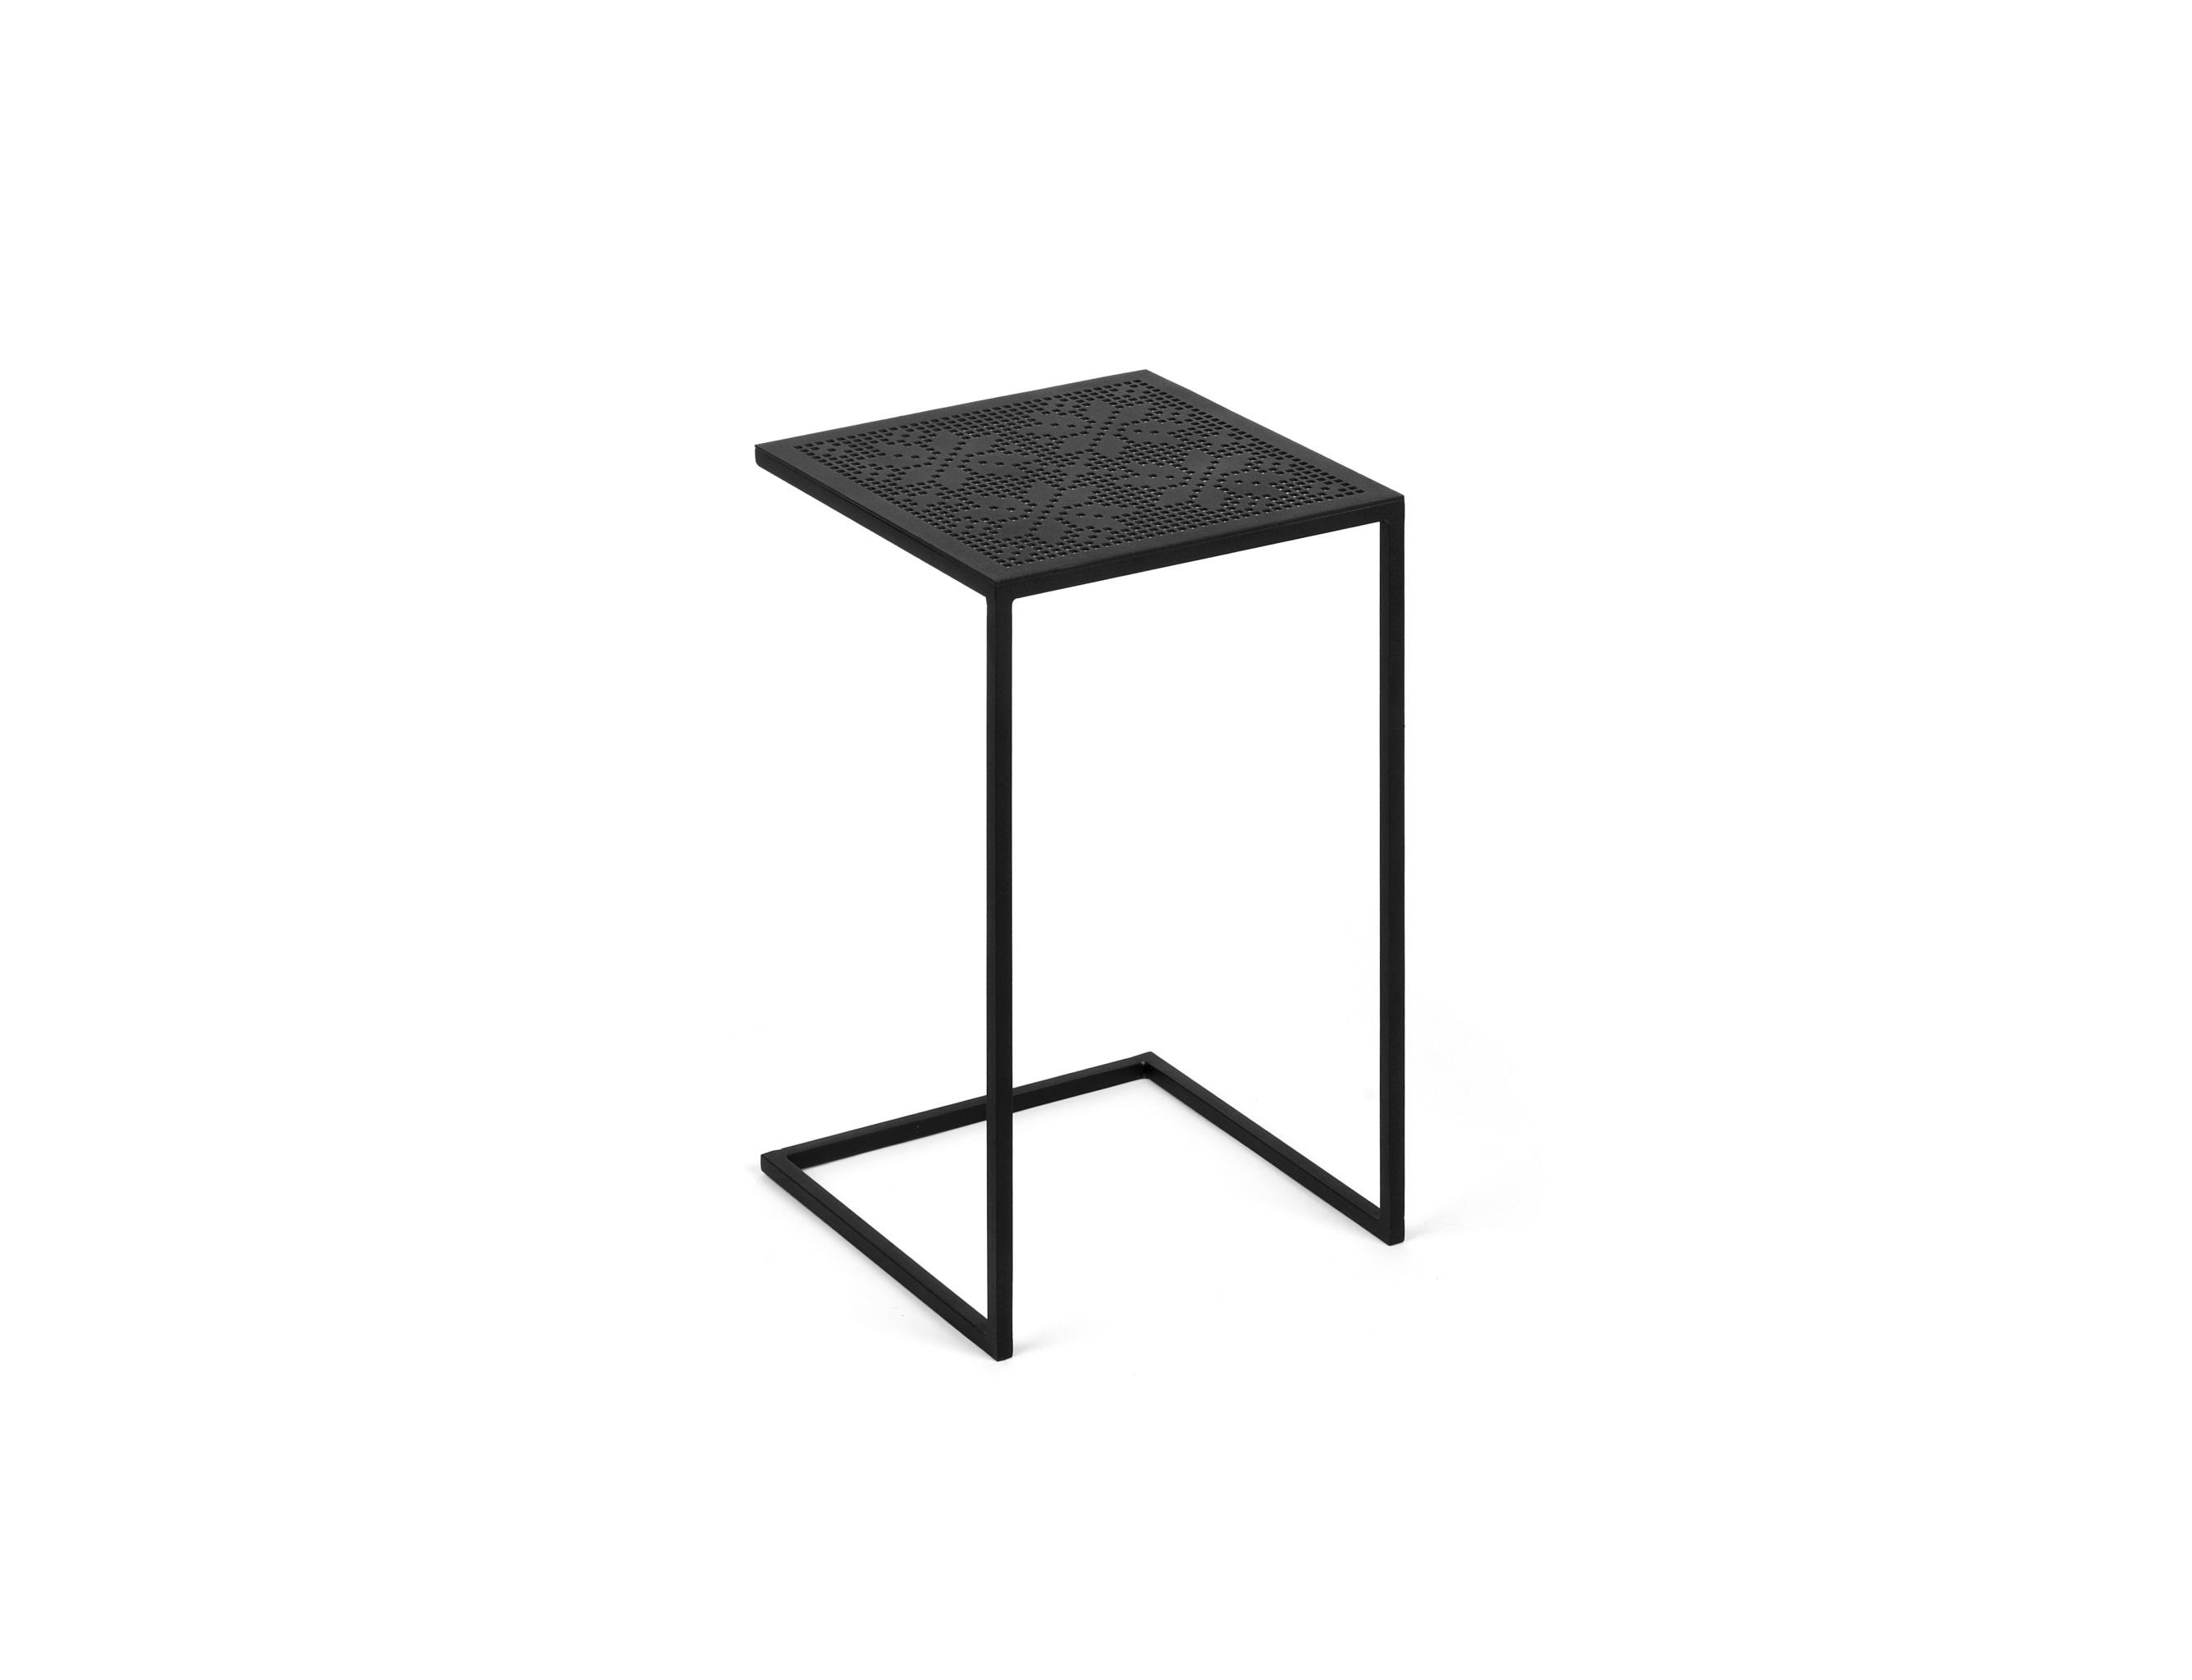 Столик Четыре звездыПриставные столики<br>Наш любимый стол для работы за компьютером! Комфортная высота идеально подходит для размещения ноутбука около дивана, а в нерабочее время стол остается украшением интерьера.&amp;amp;nbsp;<br><br>Material: Металл<br>Width см: 30<br>Depth см: 30<br>Height см: 50